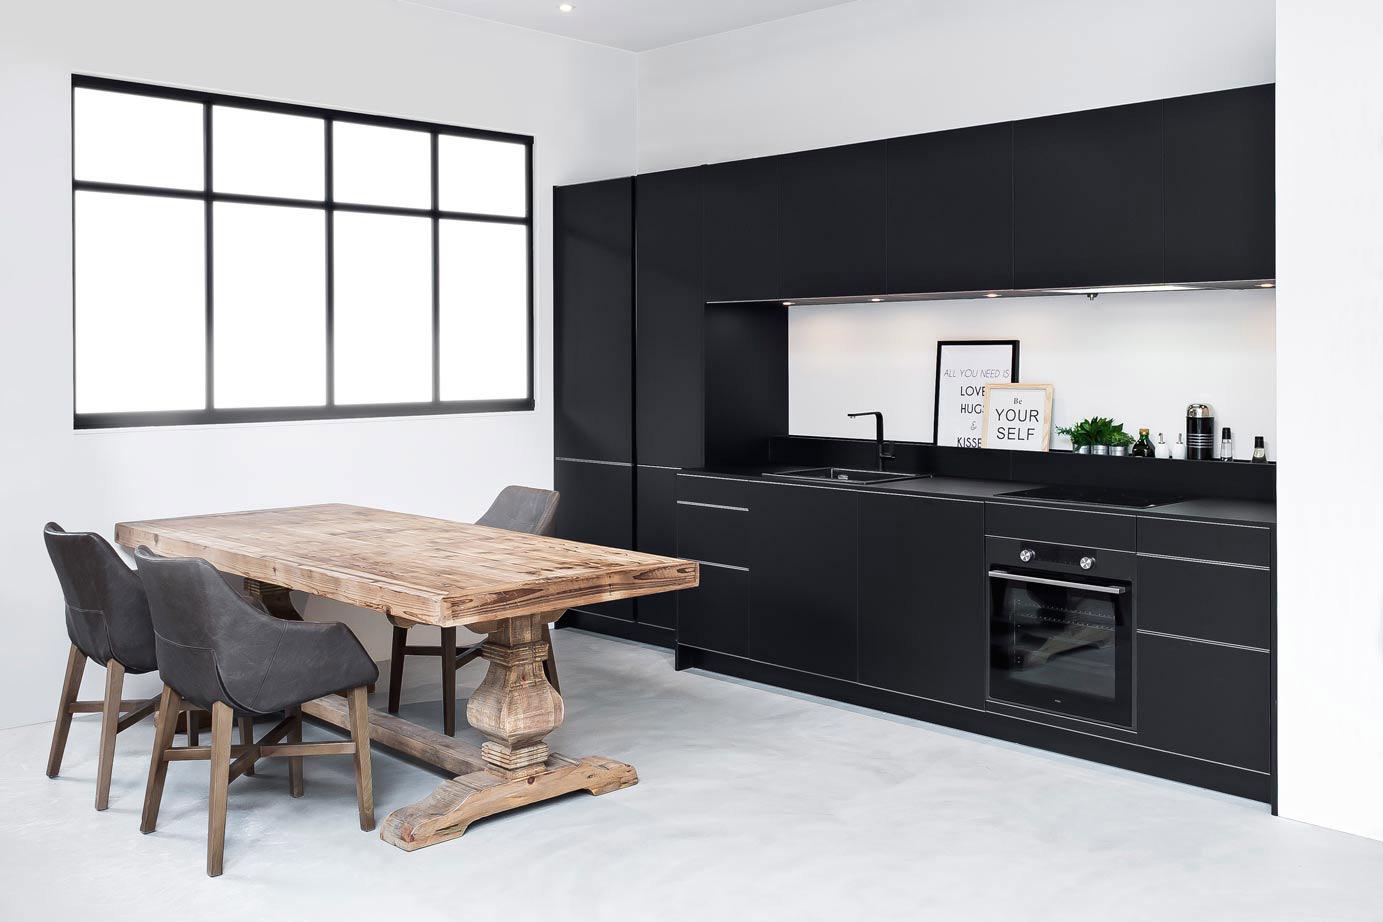 Zwarte keukens krijg inspiratie door vele voorbeelden db keukens